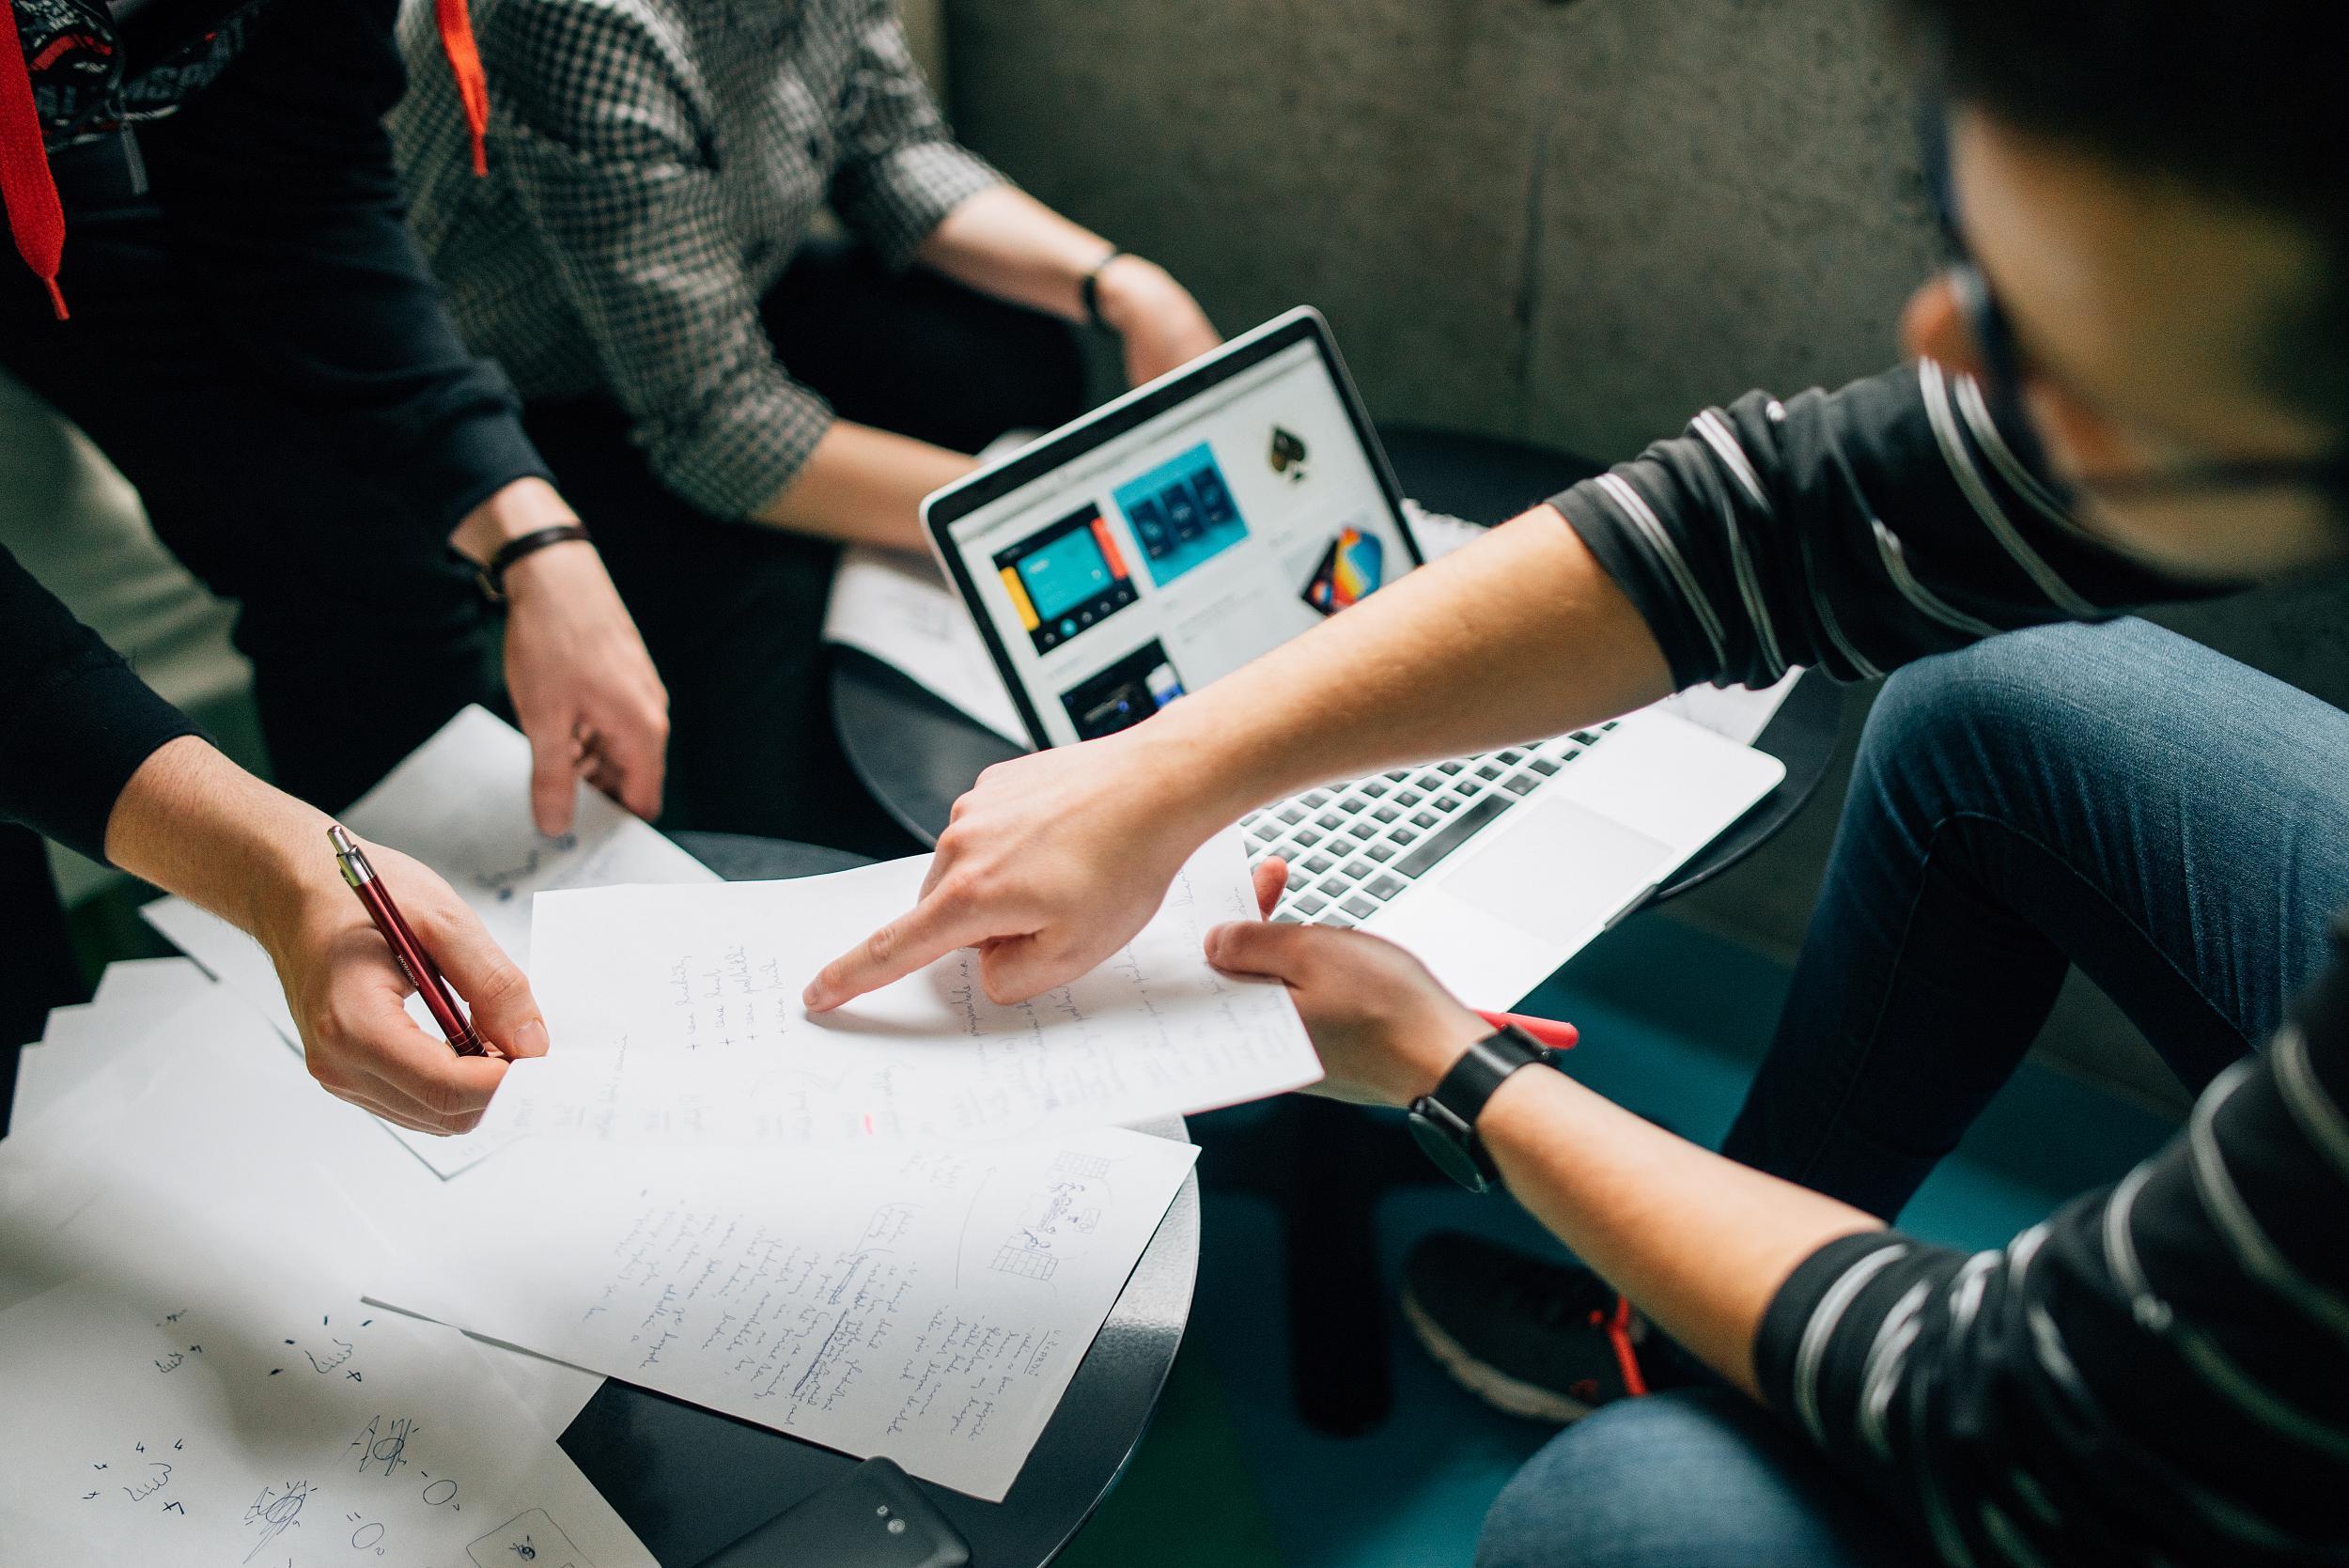 Beim Venture Development entwickeln Unternehmerteams aus einer Geschäftsidee ein fertiges Geschäftsmodell. (Foto: Štefan Štefančík)